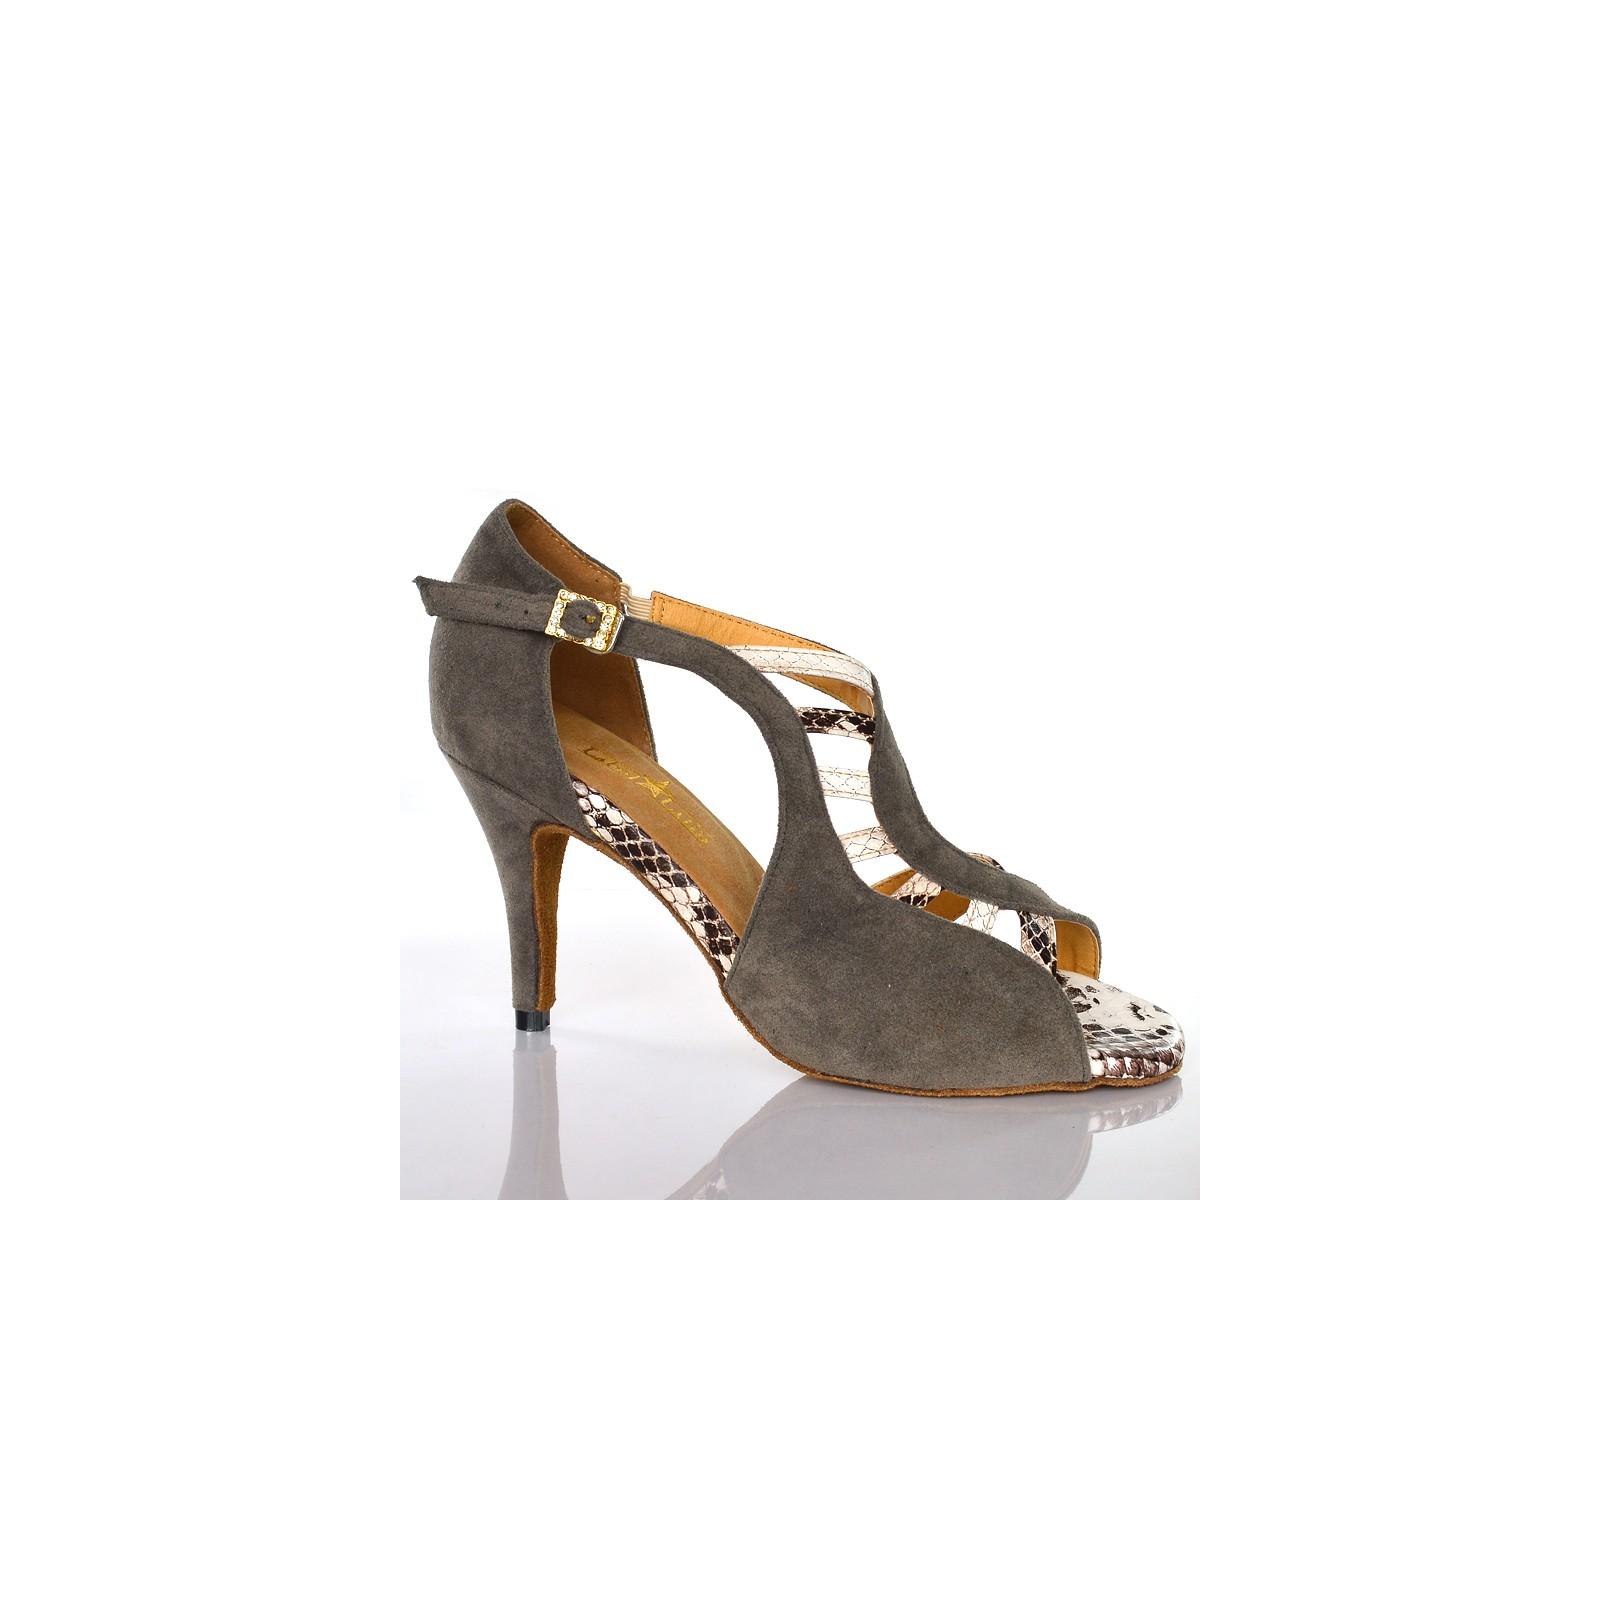 Goettin Chaussures de danse latine Salsa Bachata Performance Chaussures de danse pour femme Talon en daim Semelle Net F/ête Mariage Mode Zip Chaussures Rouge 3,9 cm